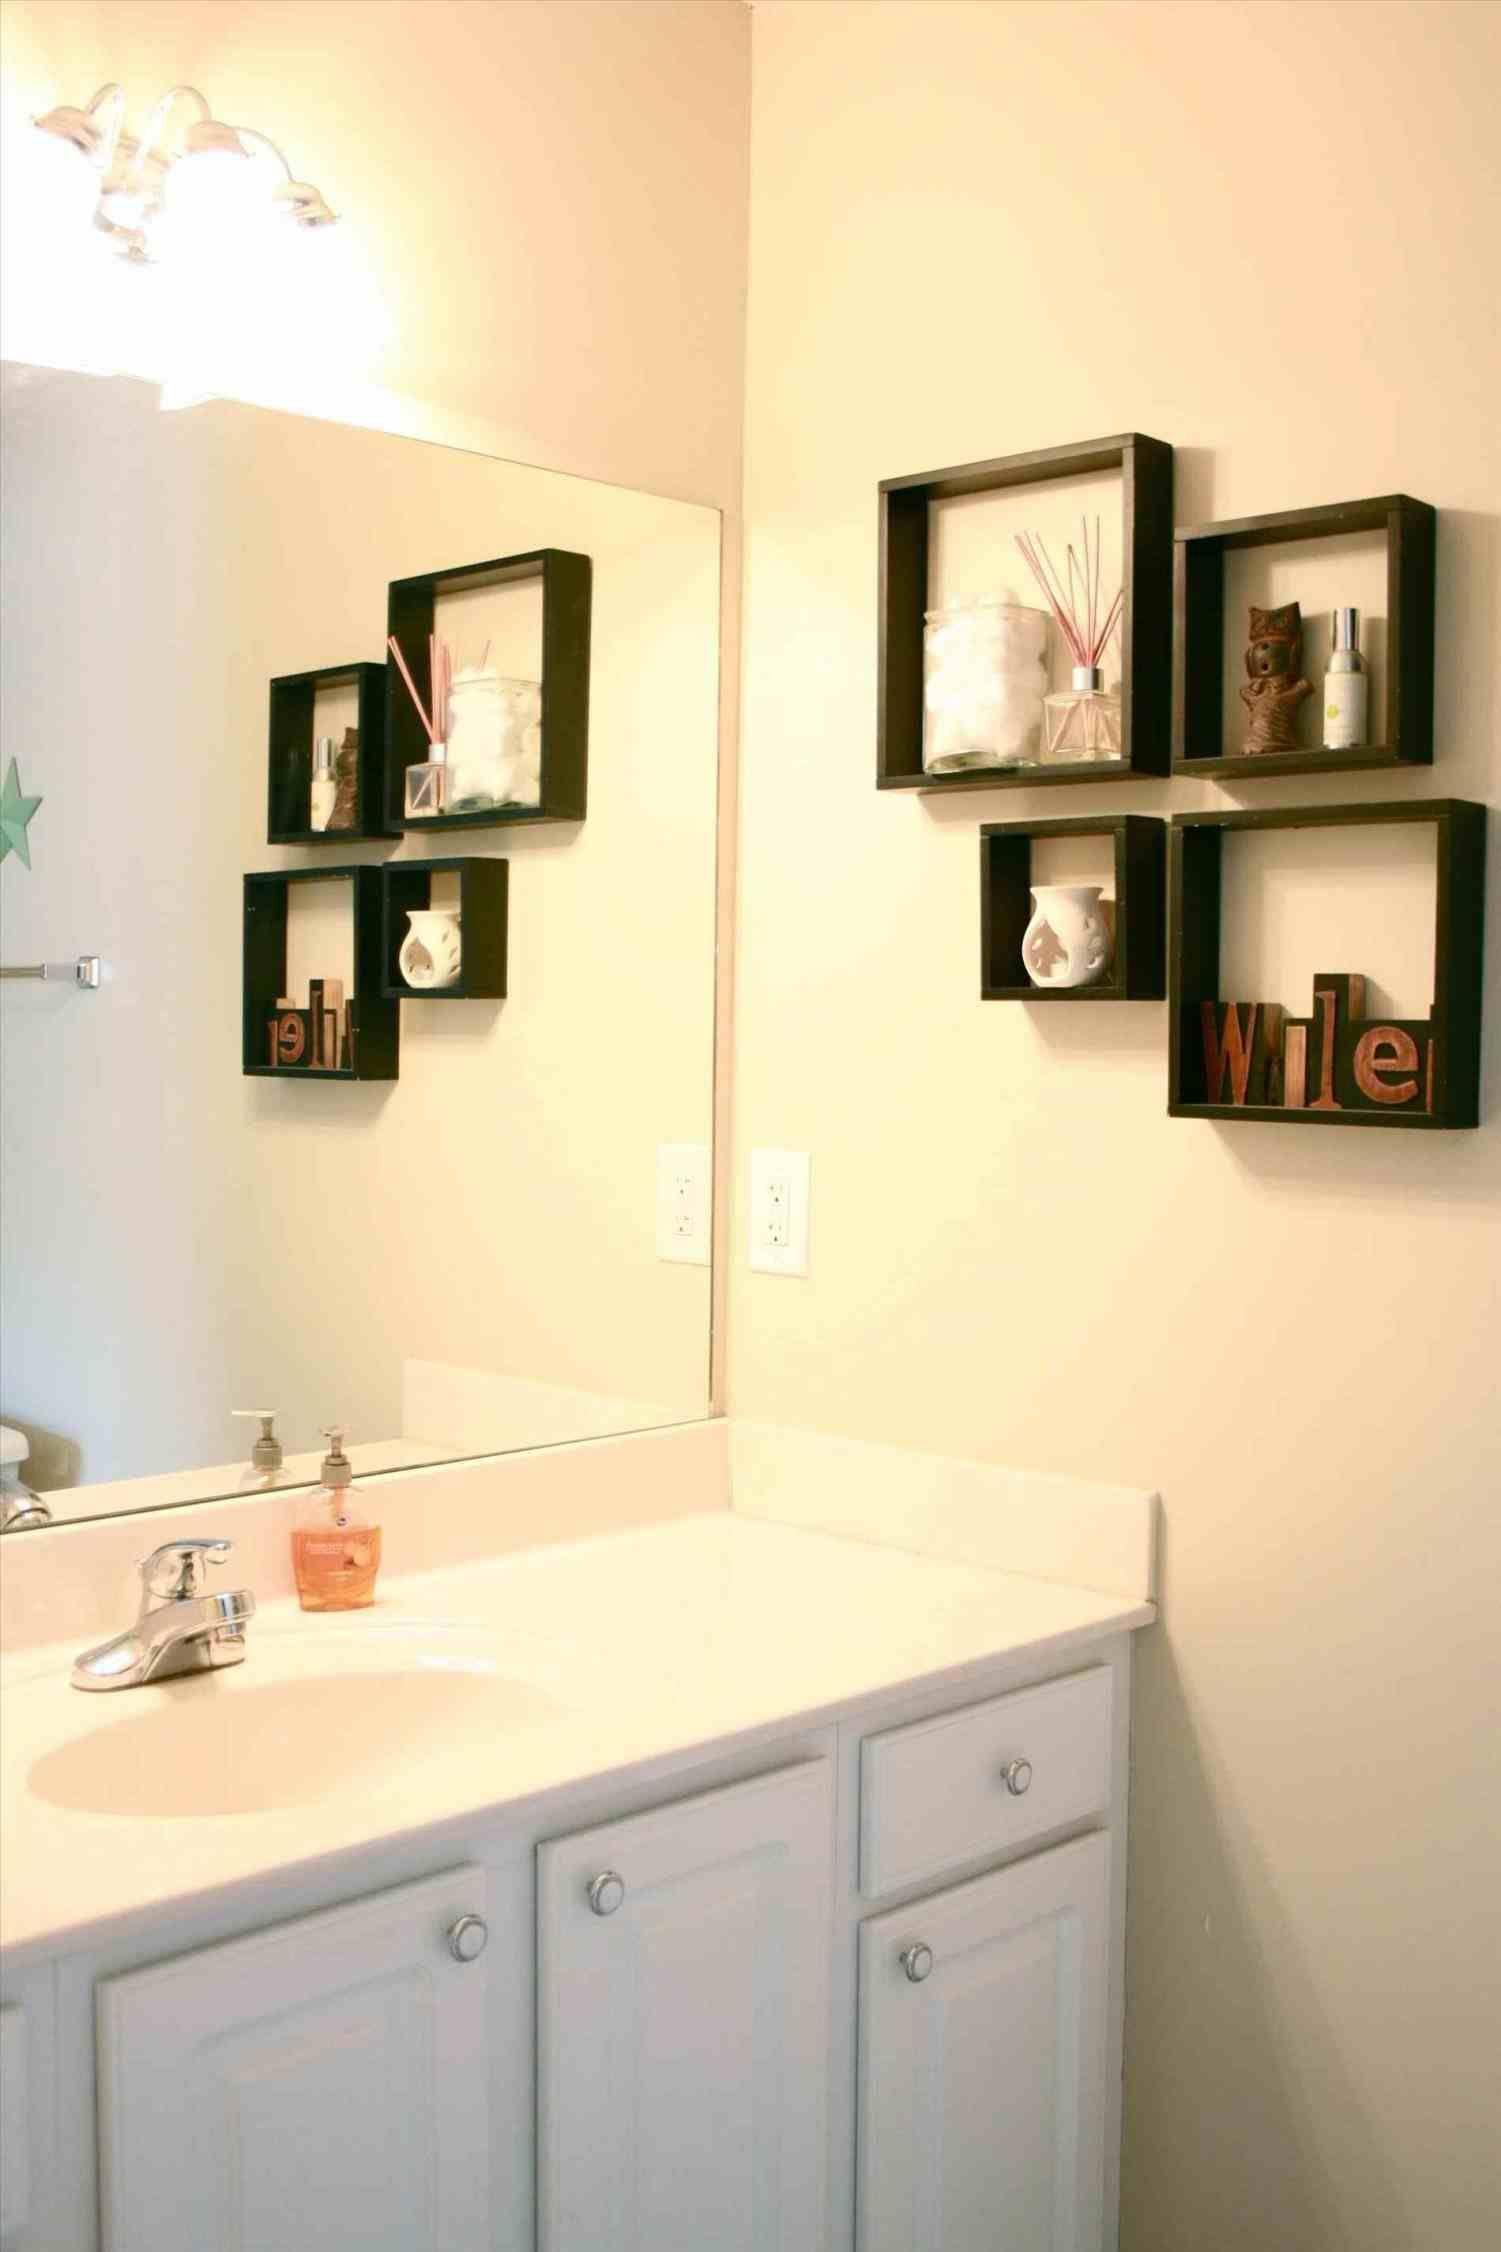 western bathroom wall decor | Pinterest | Western bathrooms ...